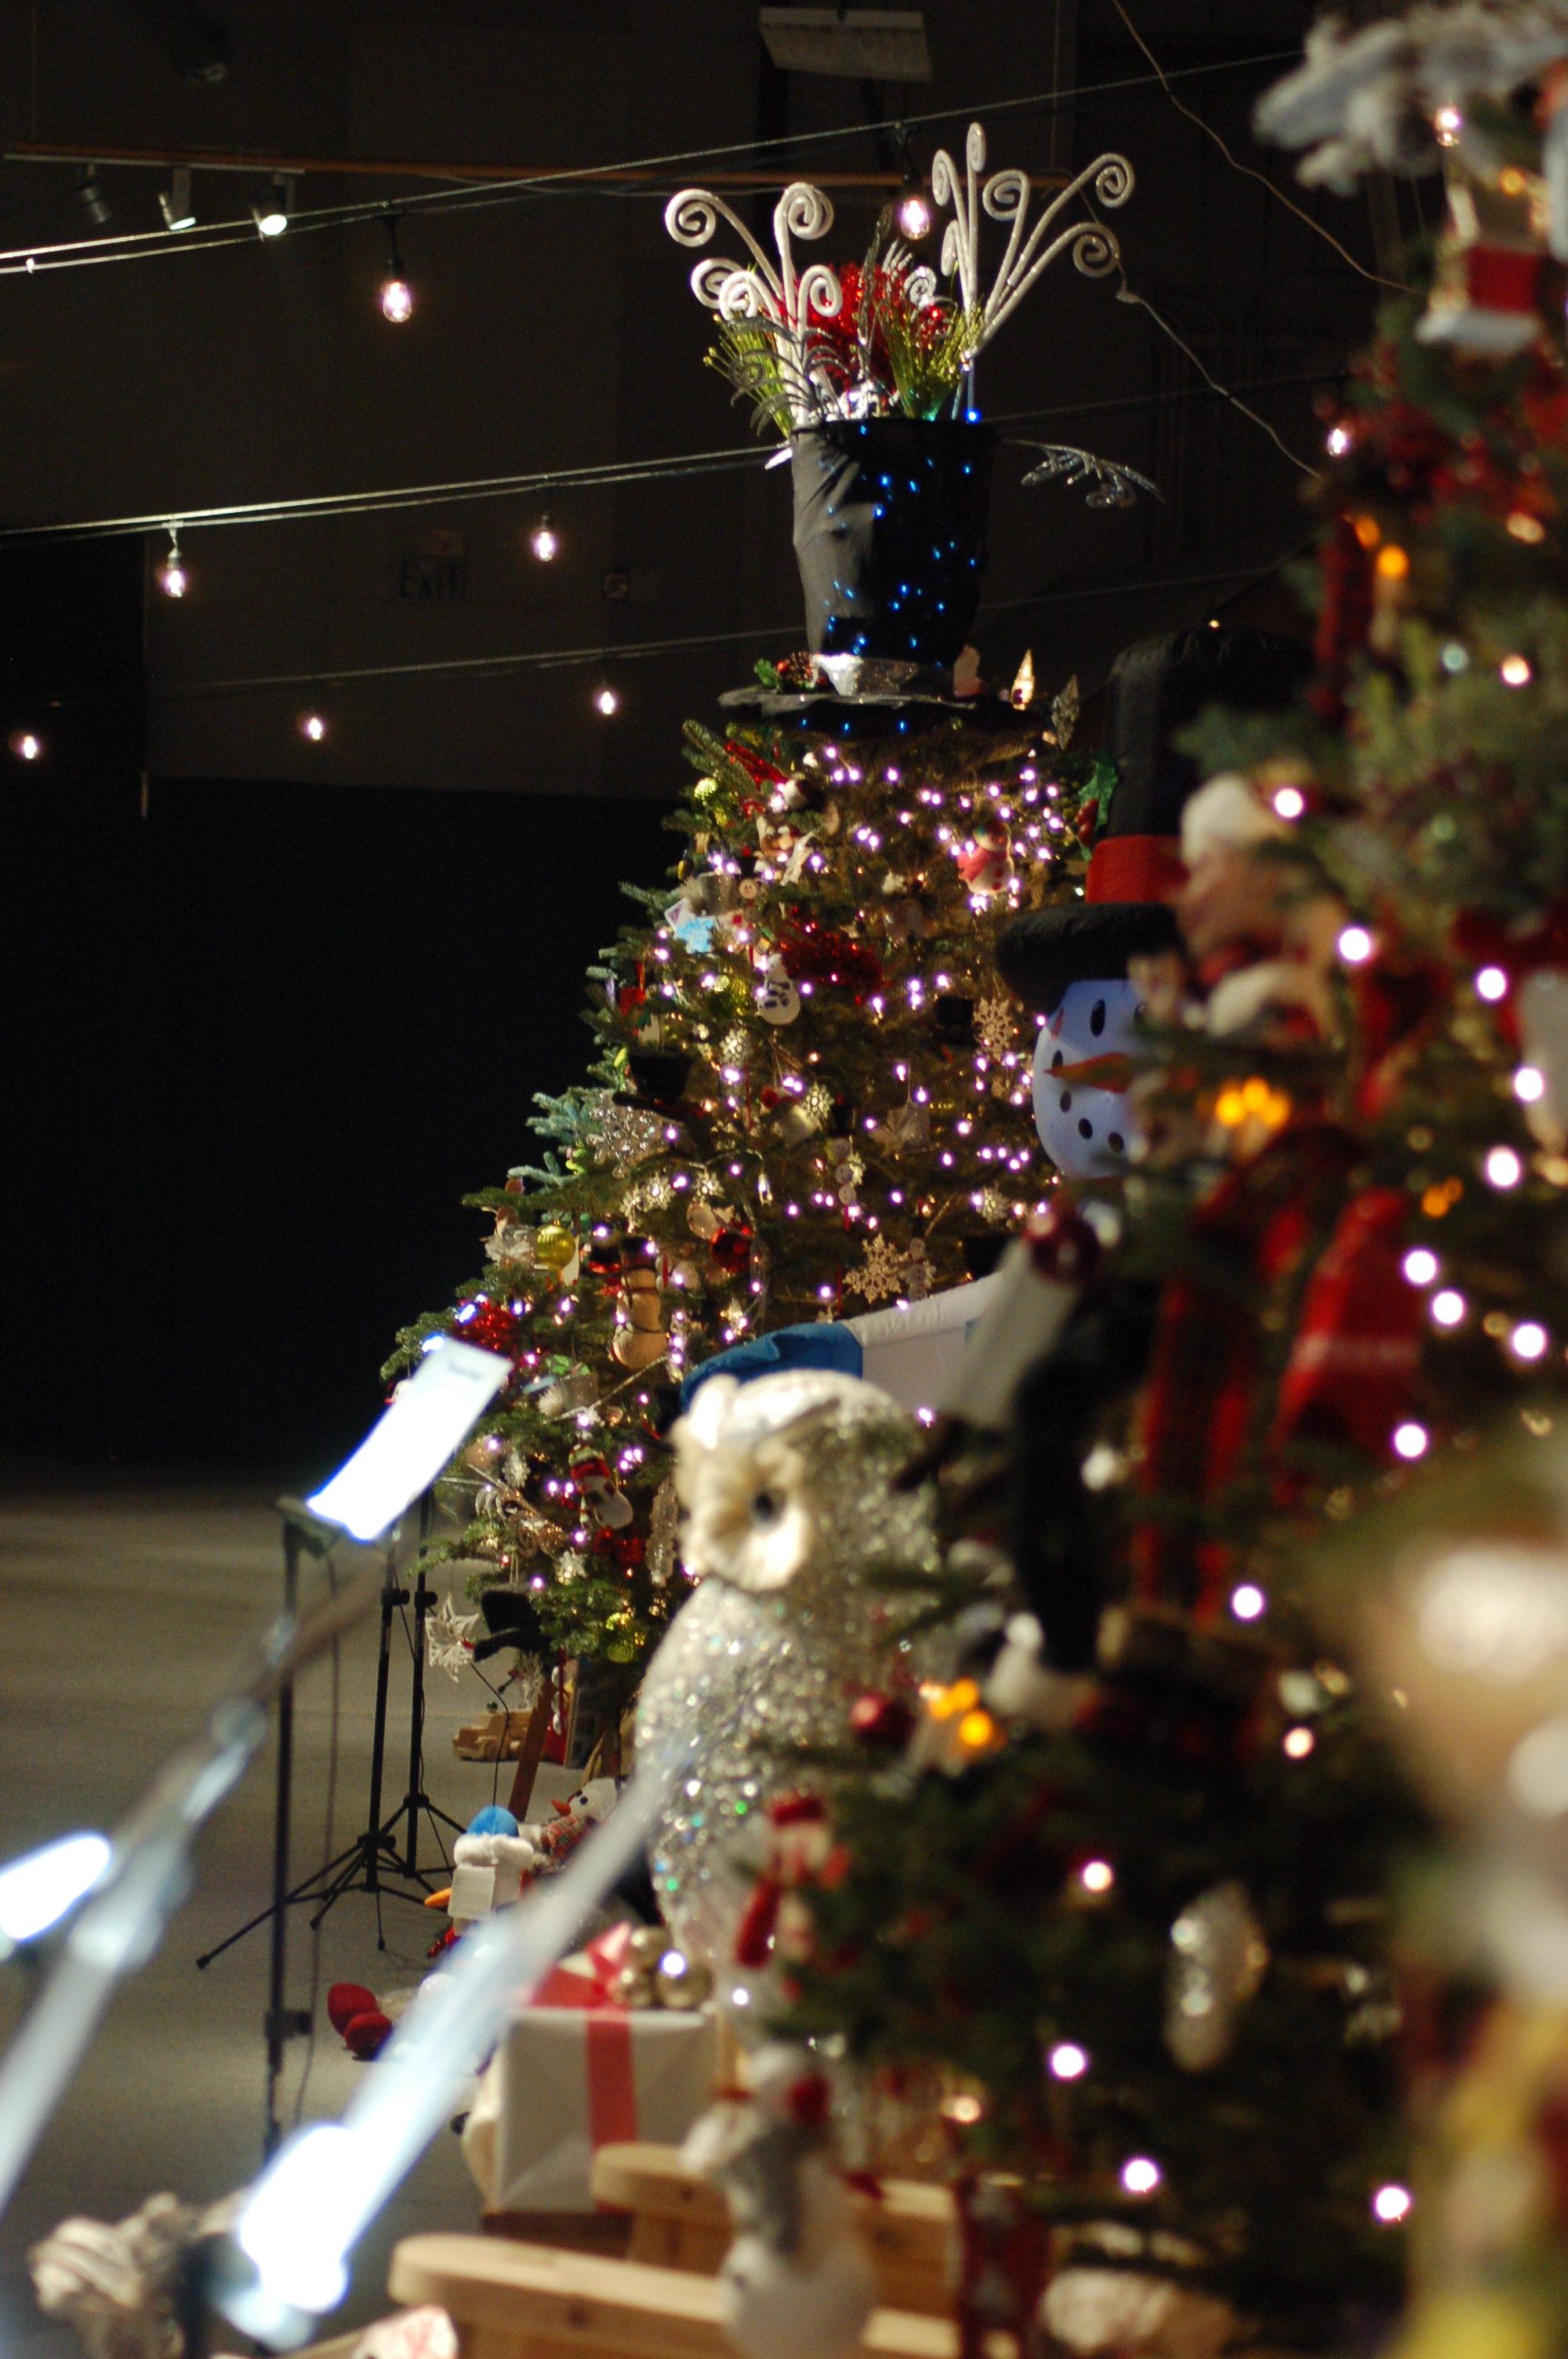 100 Becks Christmas Tree Farm Gardening Eden East Bay  - Becks Christmas Tree Farm